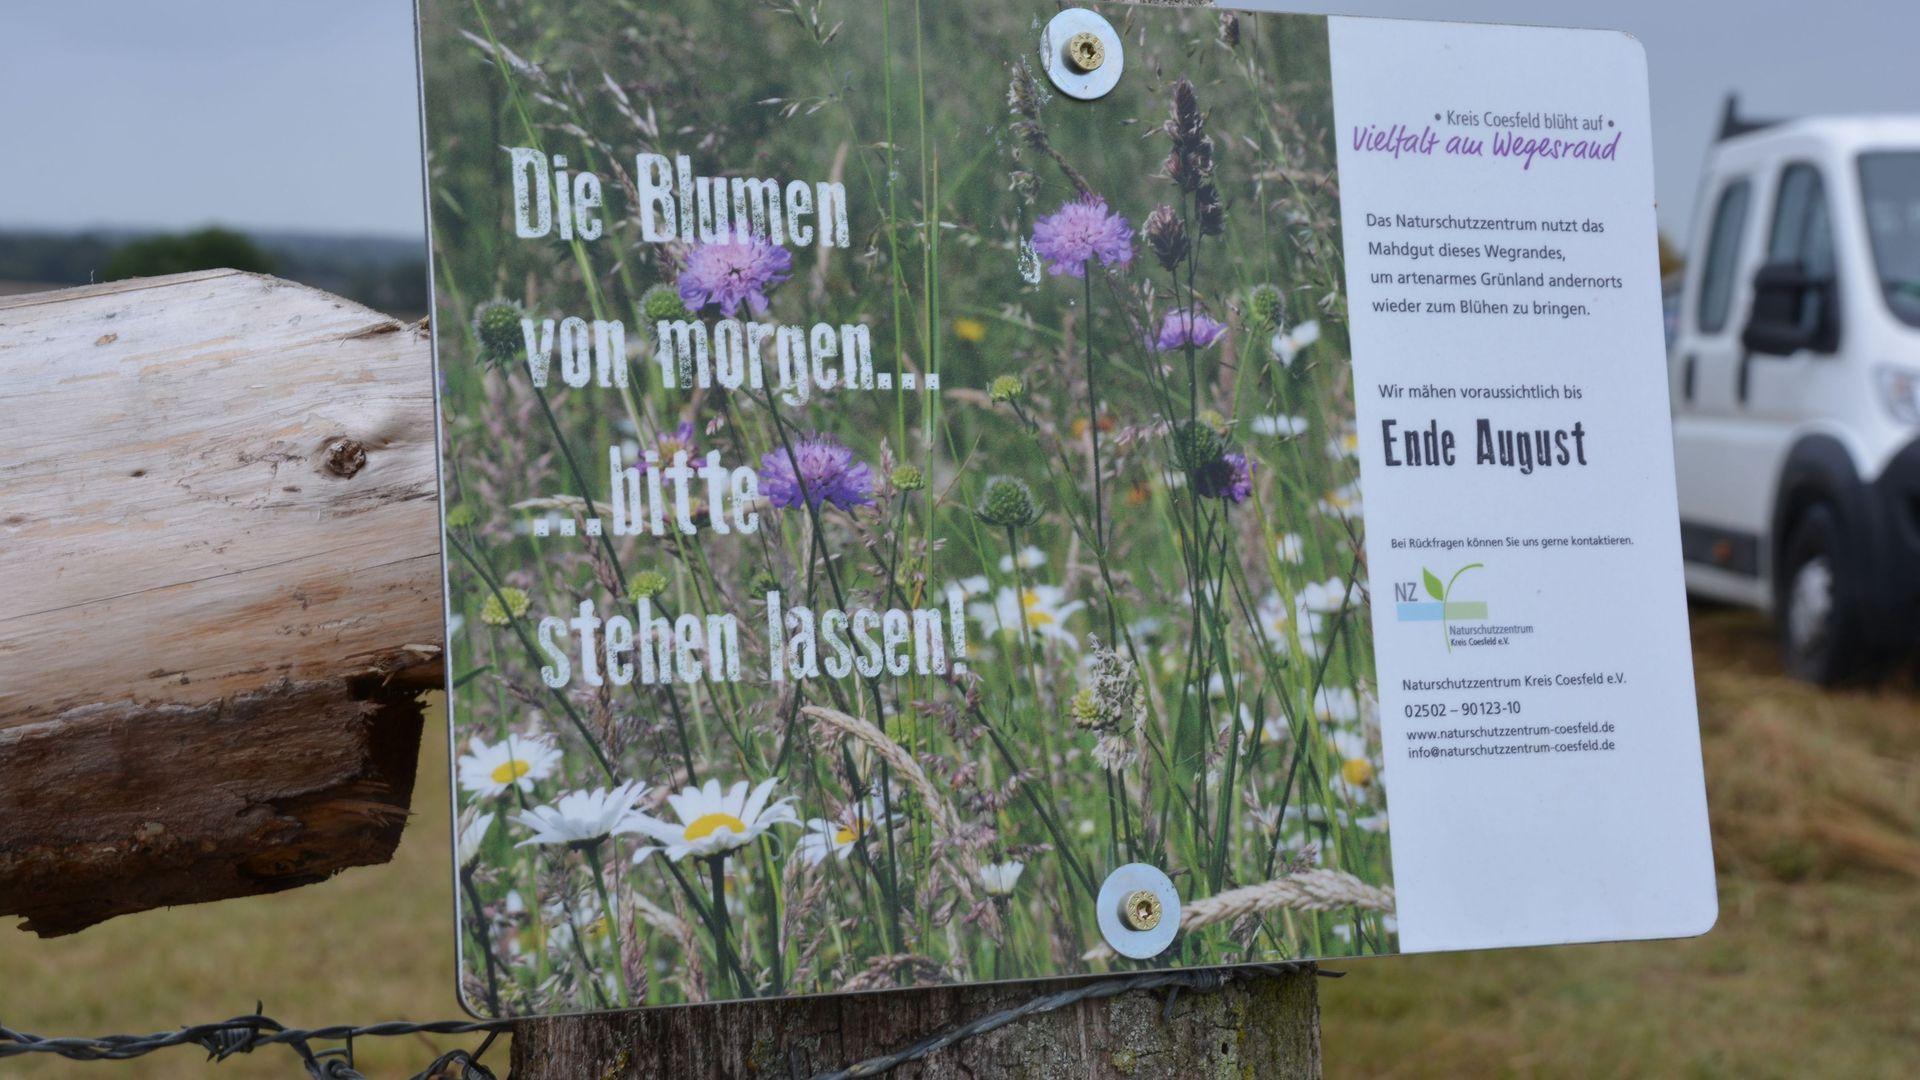 Bitte stehen lassen… Mit Schildern wie diesen erinnert das Naturschutzzentrum die Gemeinden daran, hier nicht zu mähen. Foto: wfc